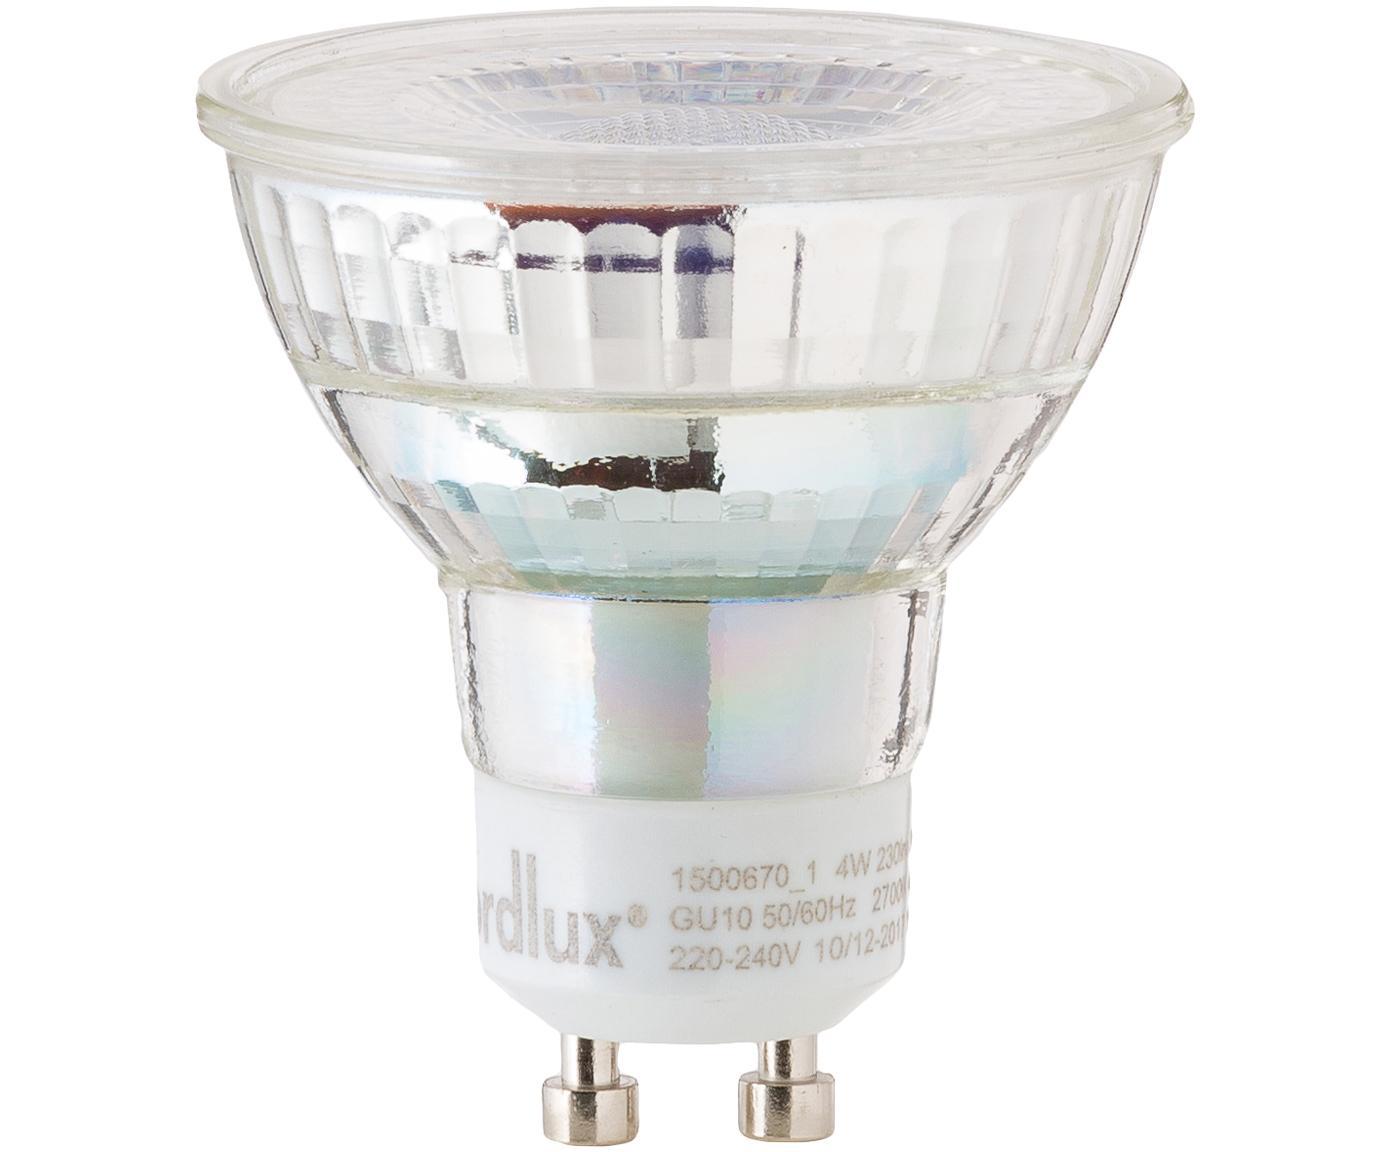 Bombilla LED Ferre (GU10/4W), Ampolla: vidrio, Casquillo: aluminio, Transparente, Ø 5 x Al 6 cm